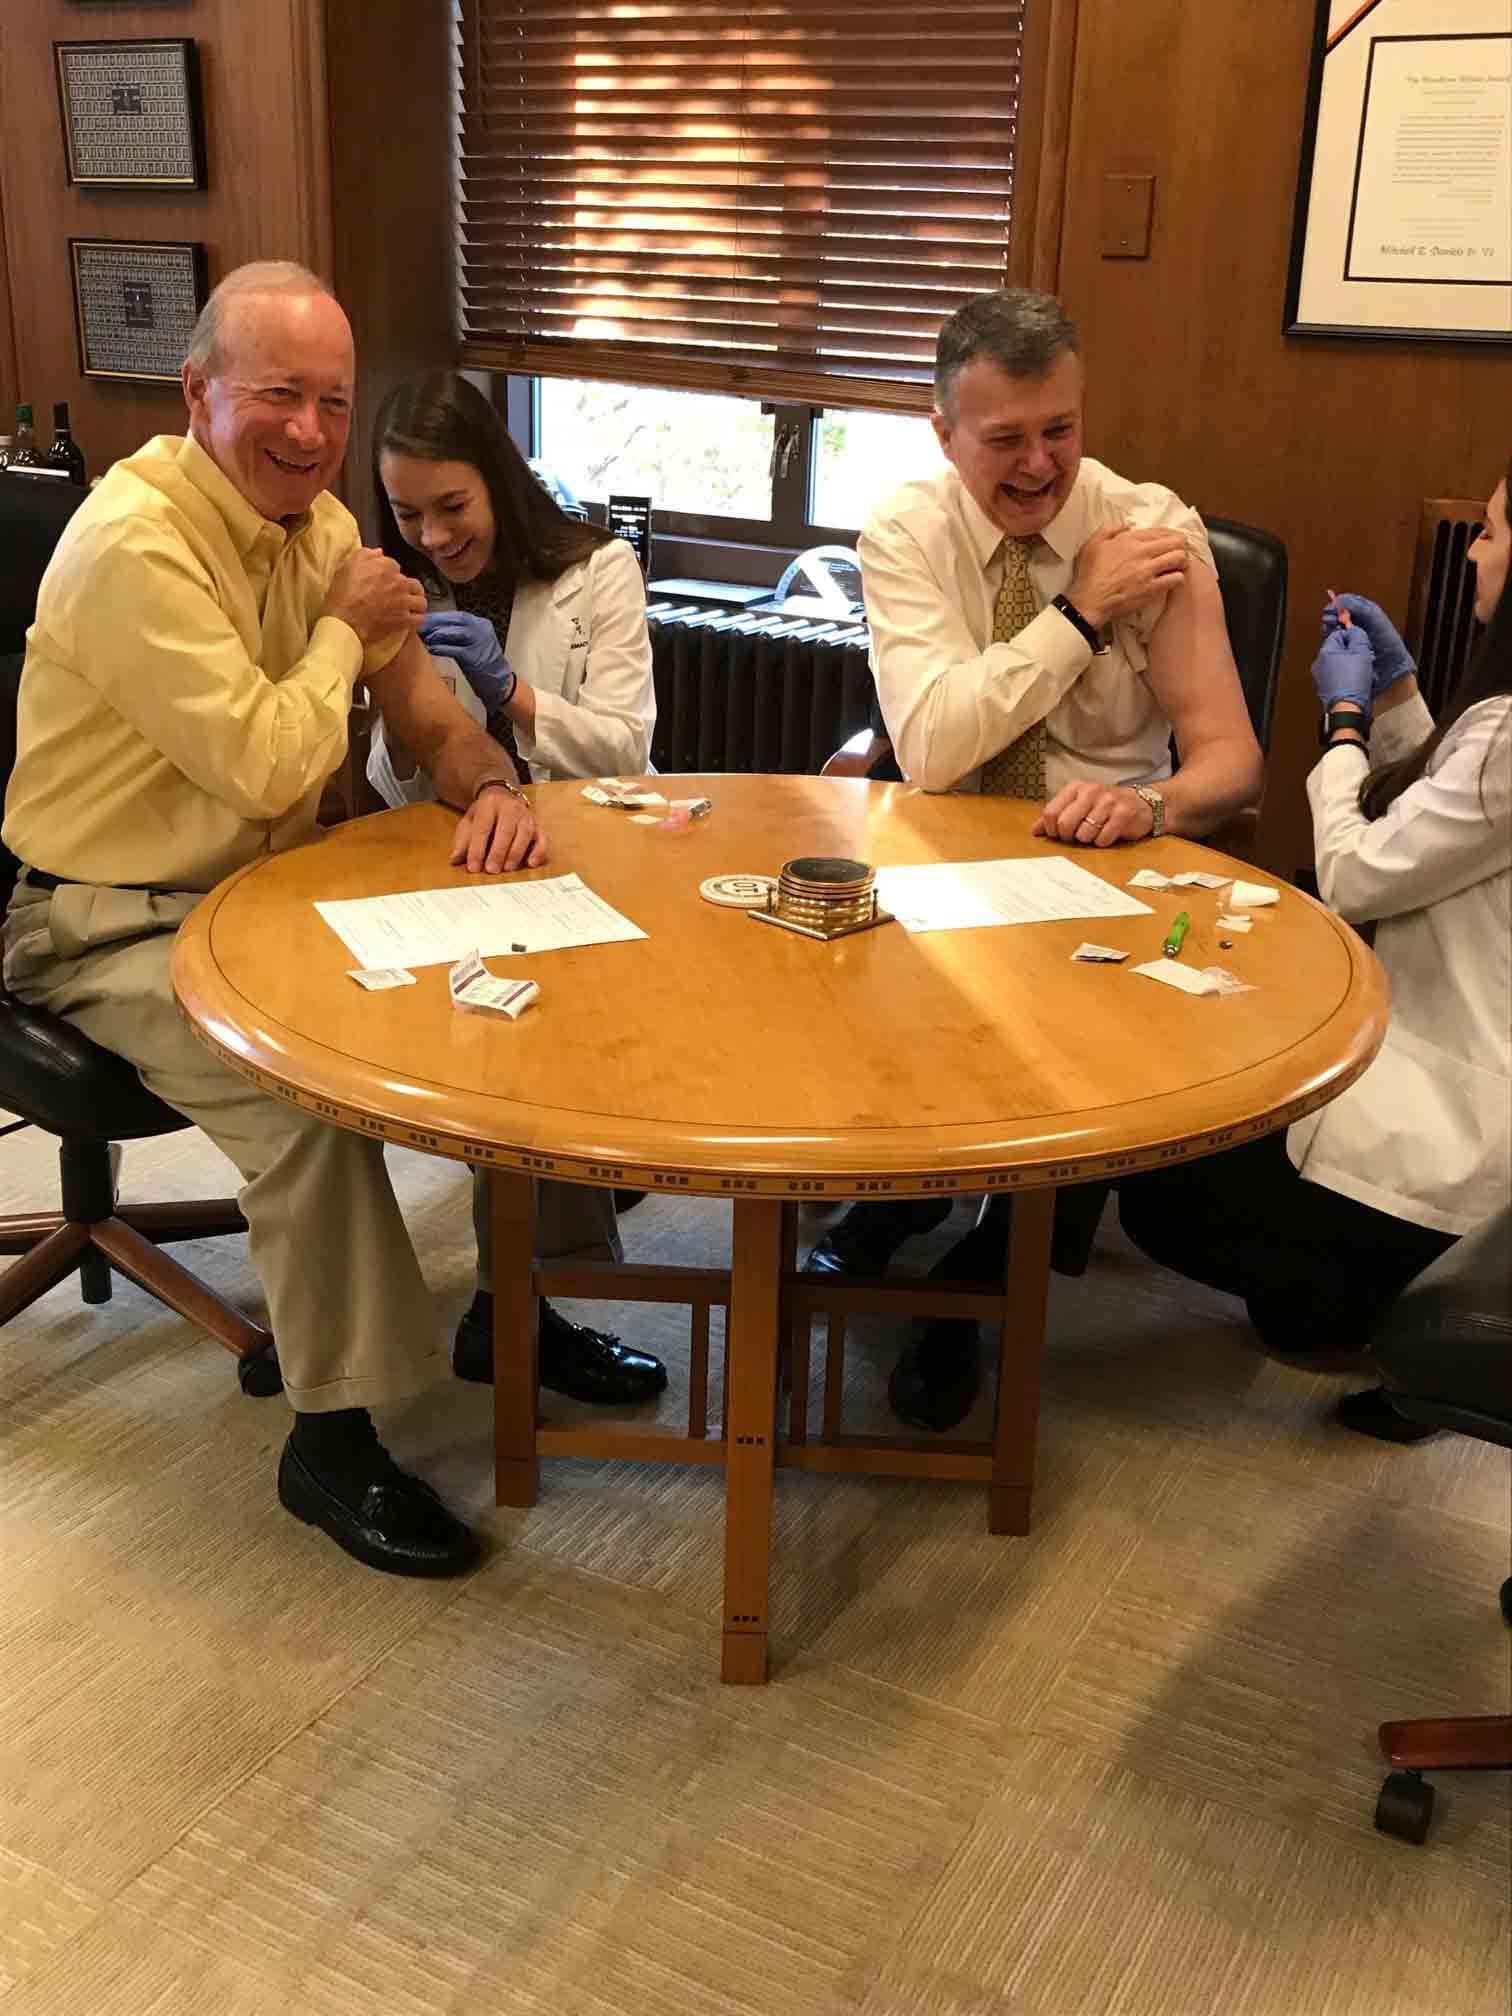 Mitch Daniels and Jay Akridge receive flu shots